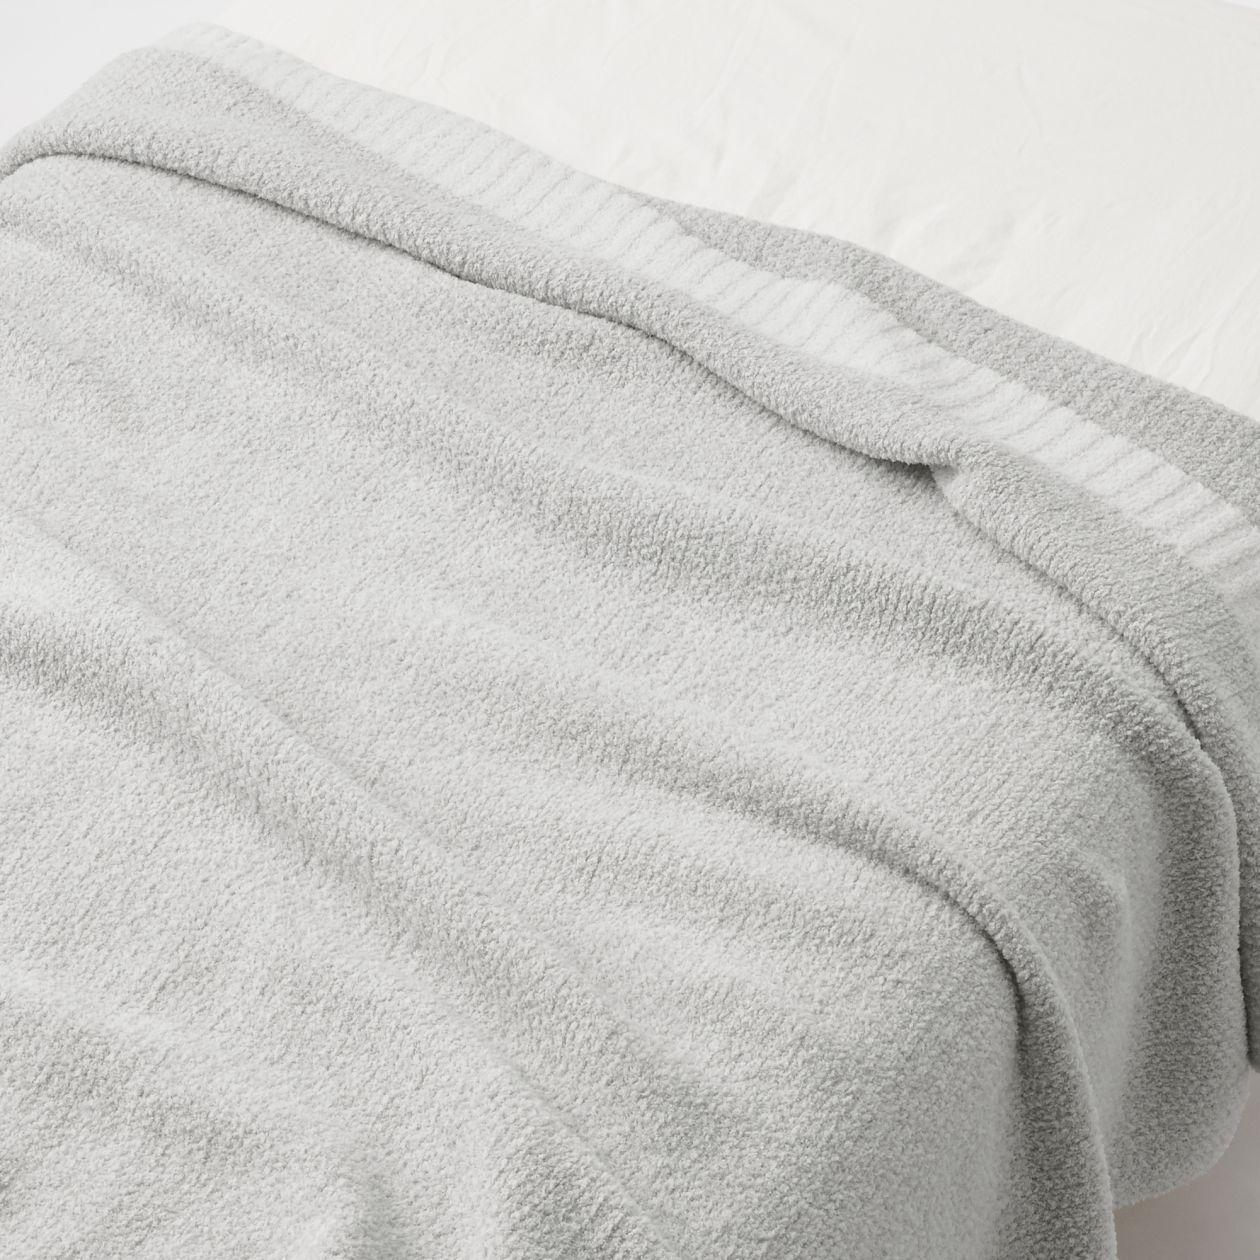 モール糸使いニット毛布・S/グレーの写真